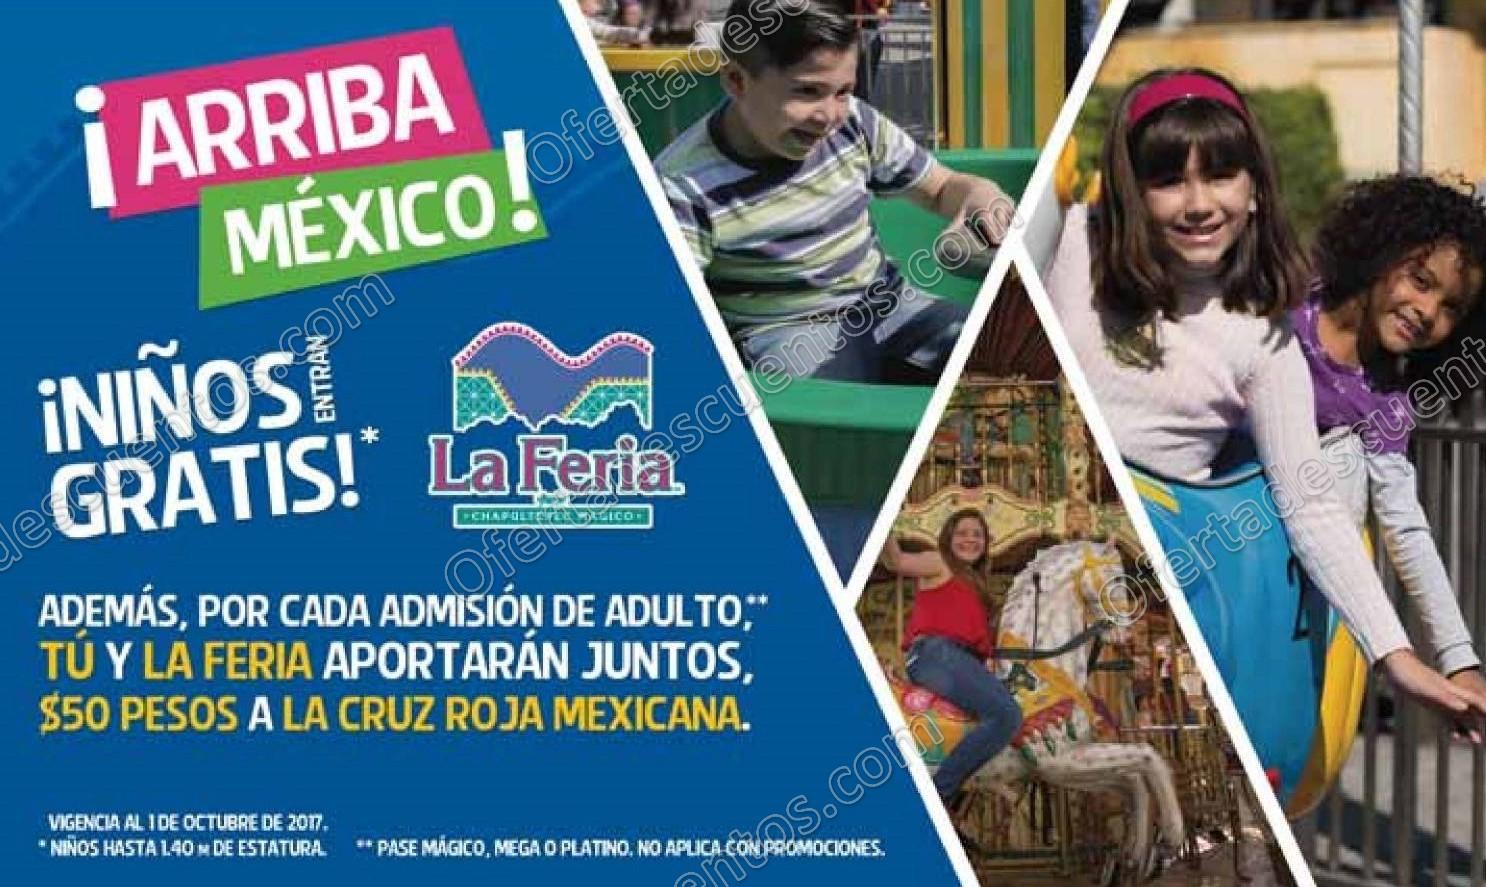 La Feria de Chapultepec: Niños Entran Gratis hasta el 1 de Octubre 2017